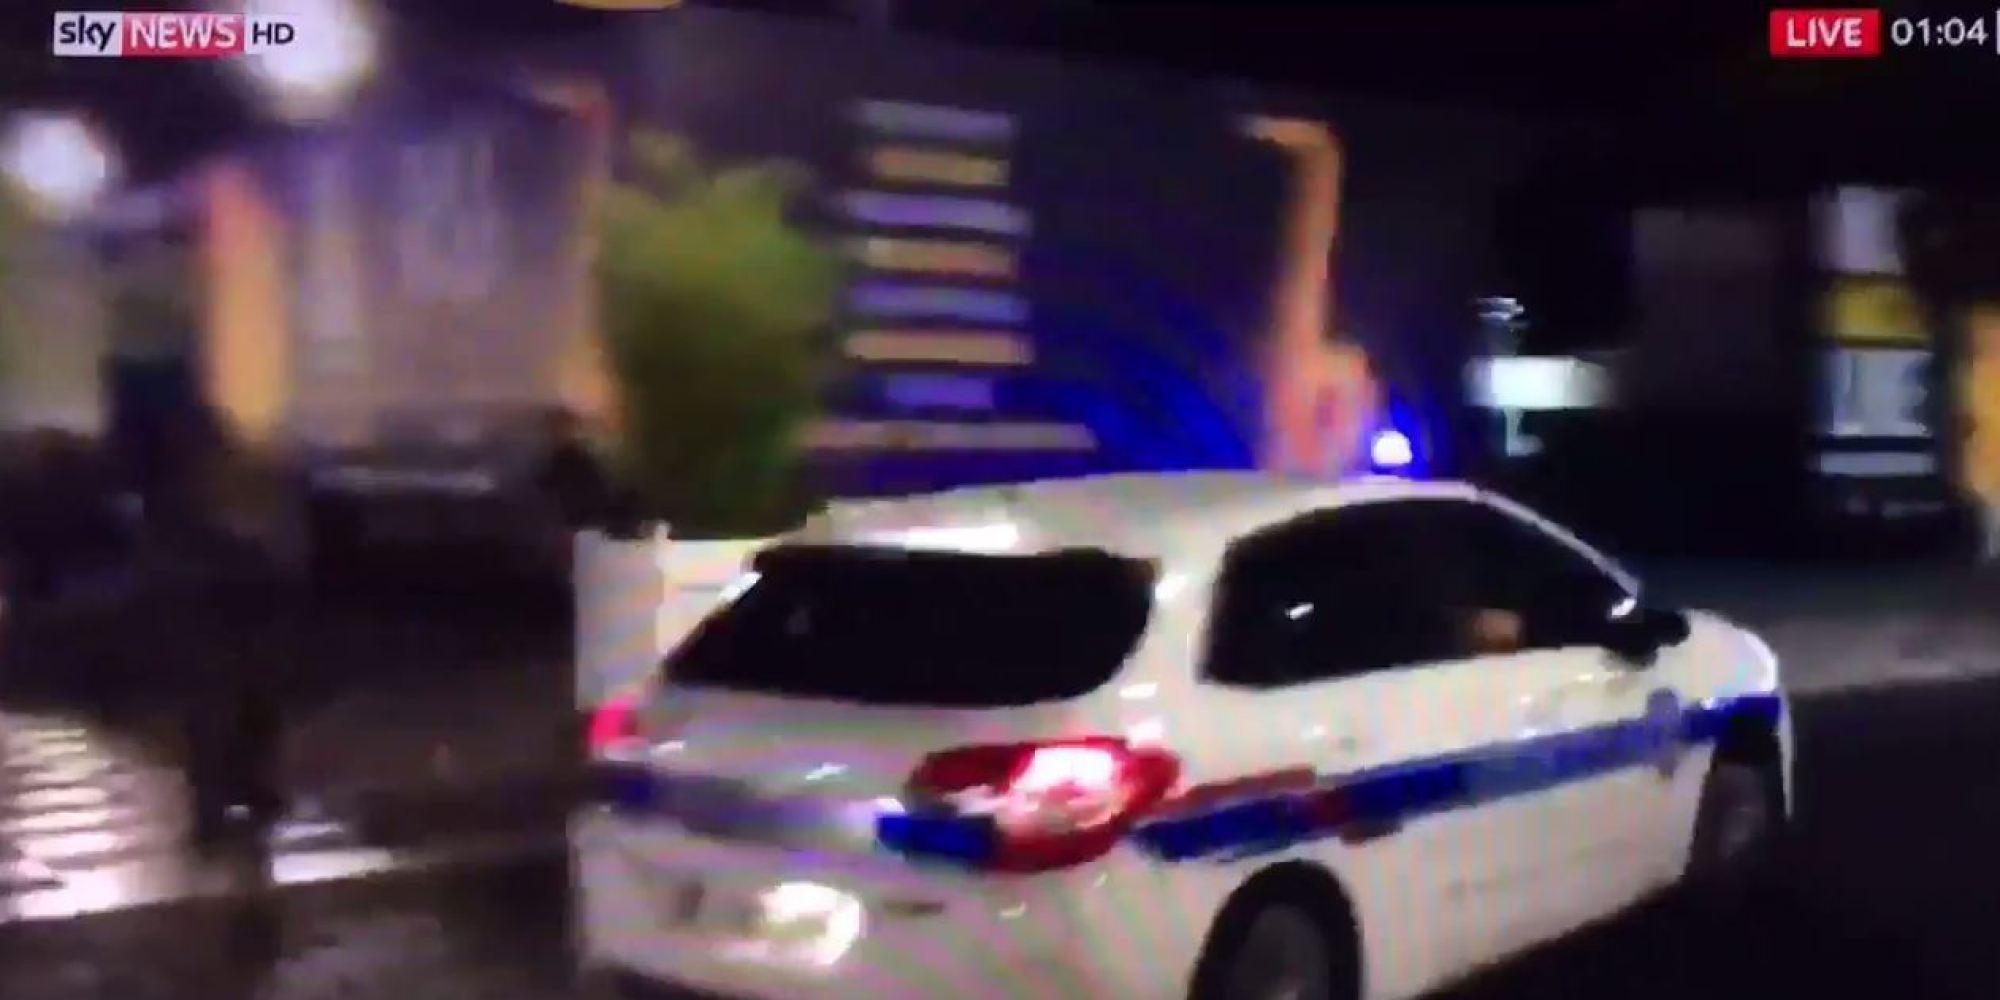 Attentat Facebook: Après L'attentat De Nice, Cette Britannique Se Plaint De